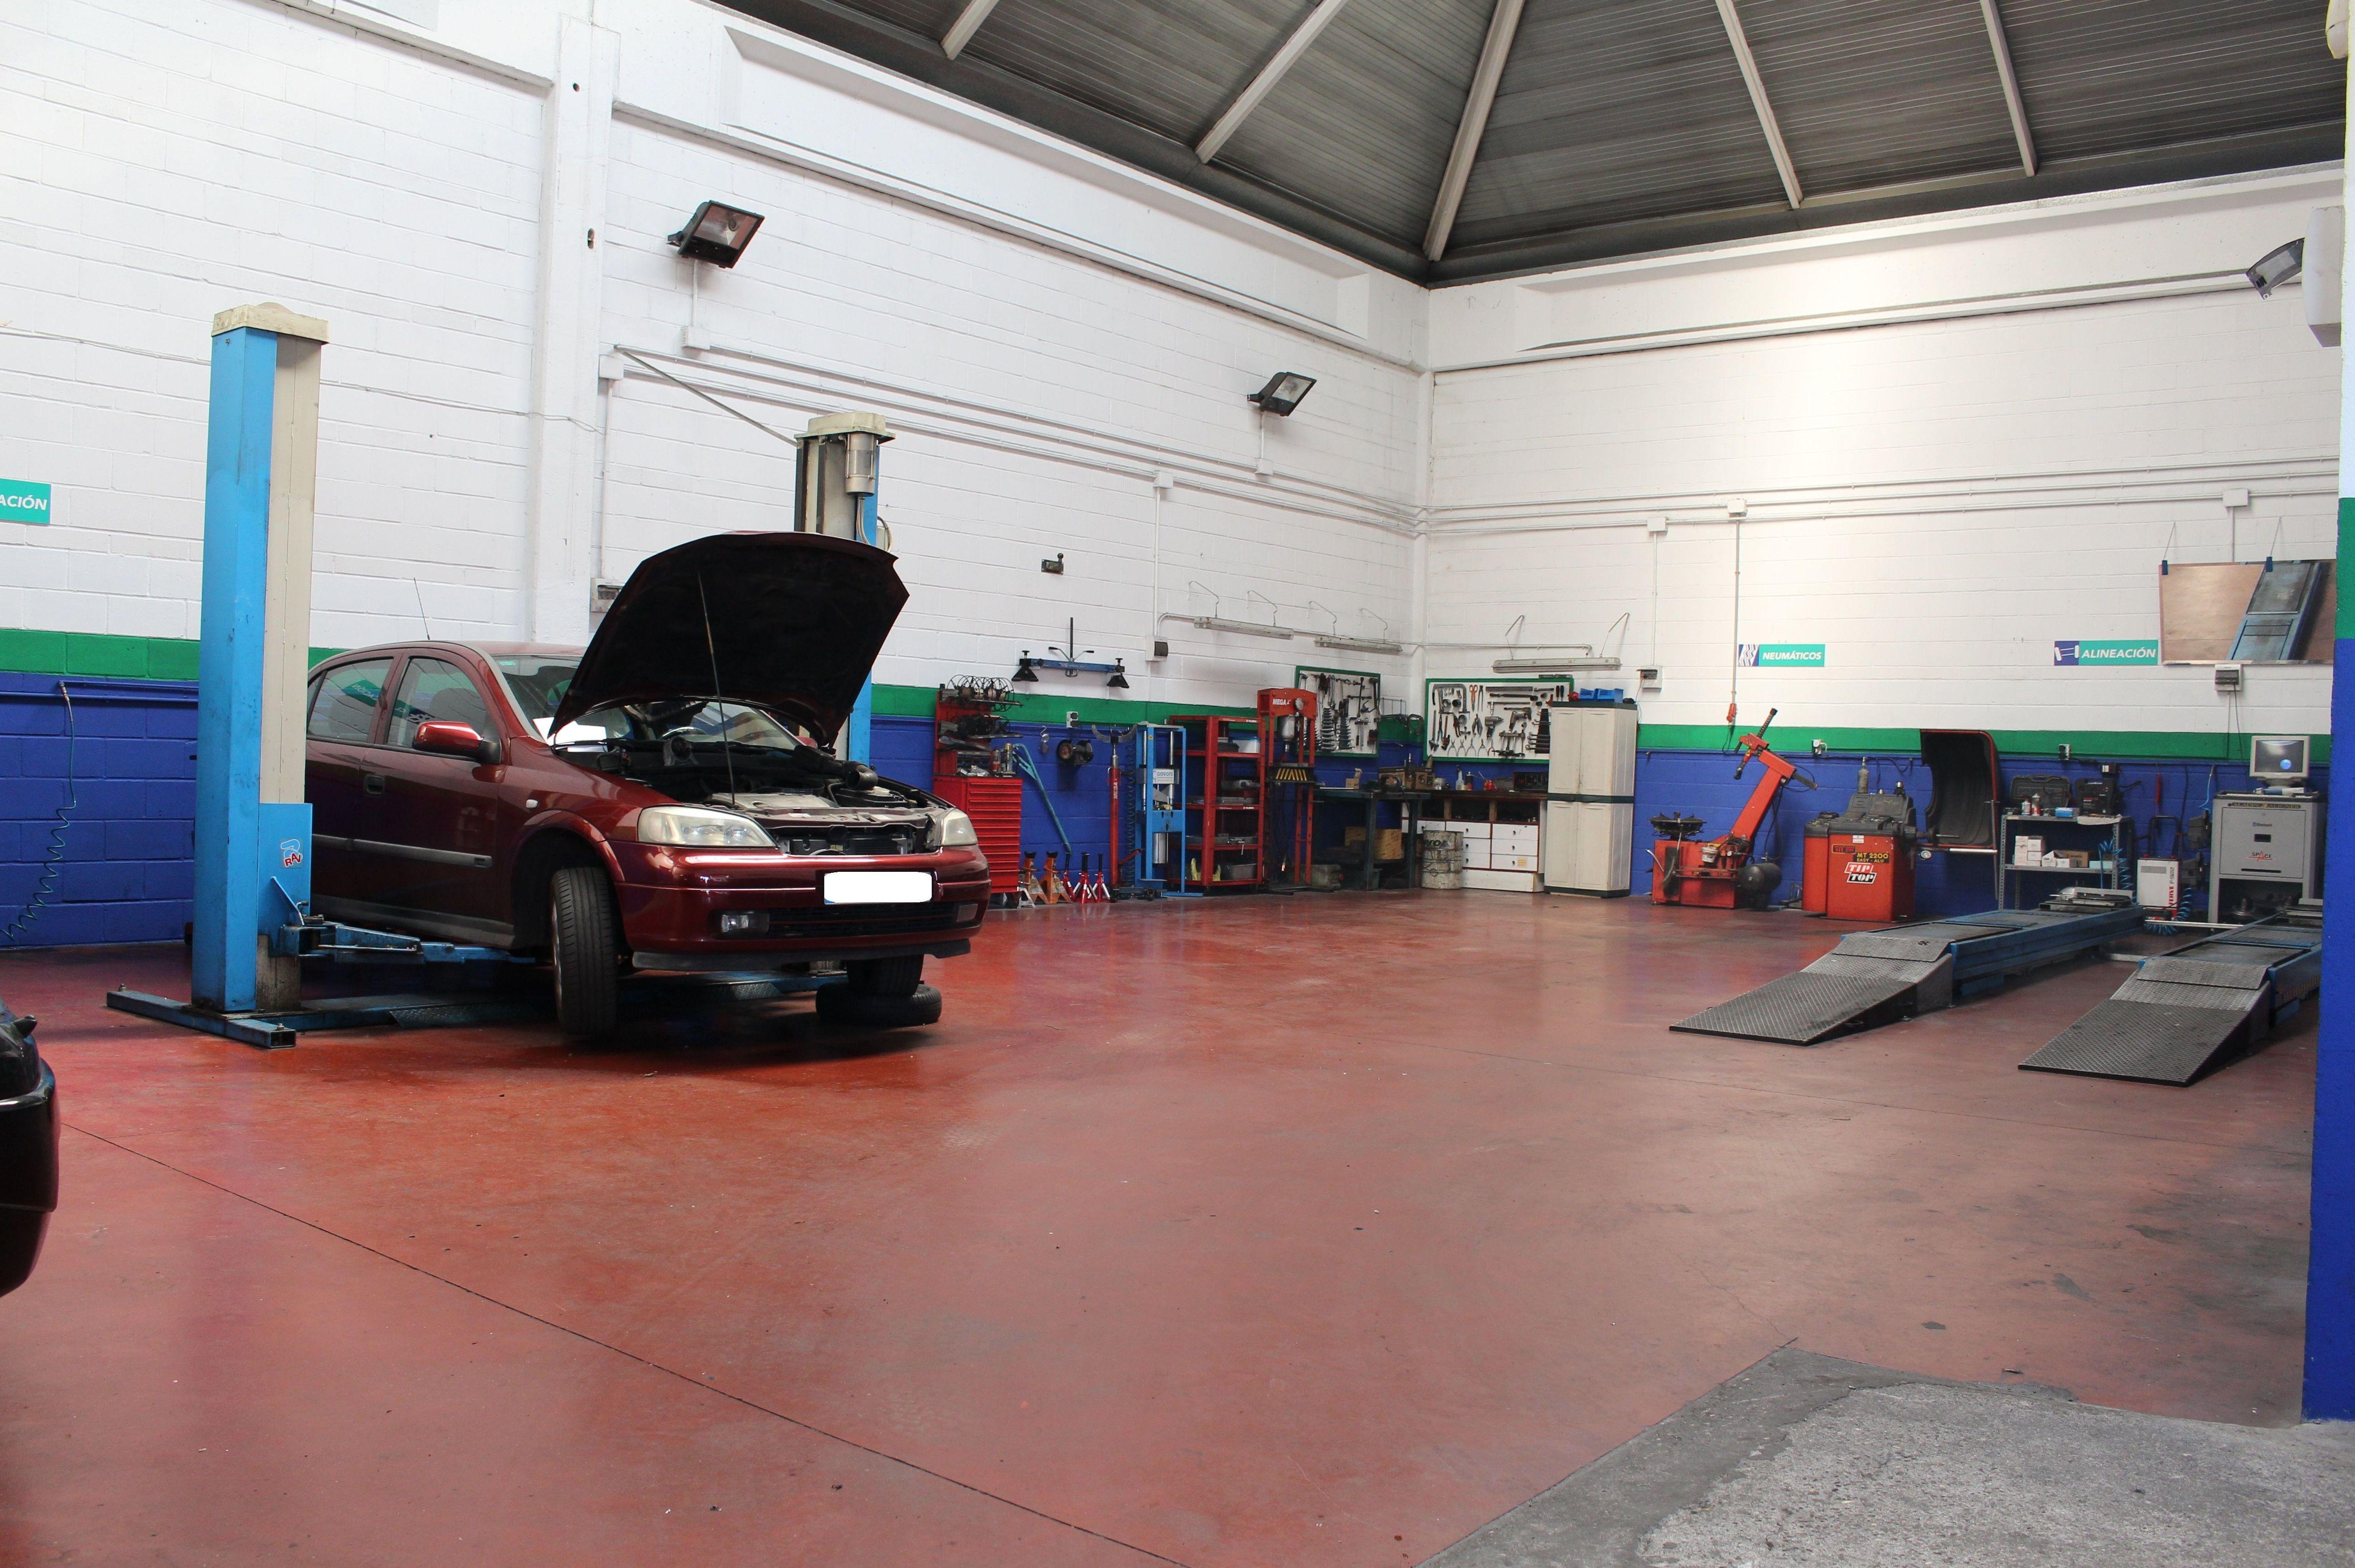 Foto 2 de Talleres de automóviles en Alcalá de Henares | Mantenauto Eurotaller Plus